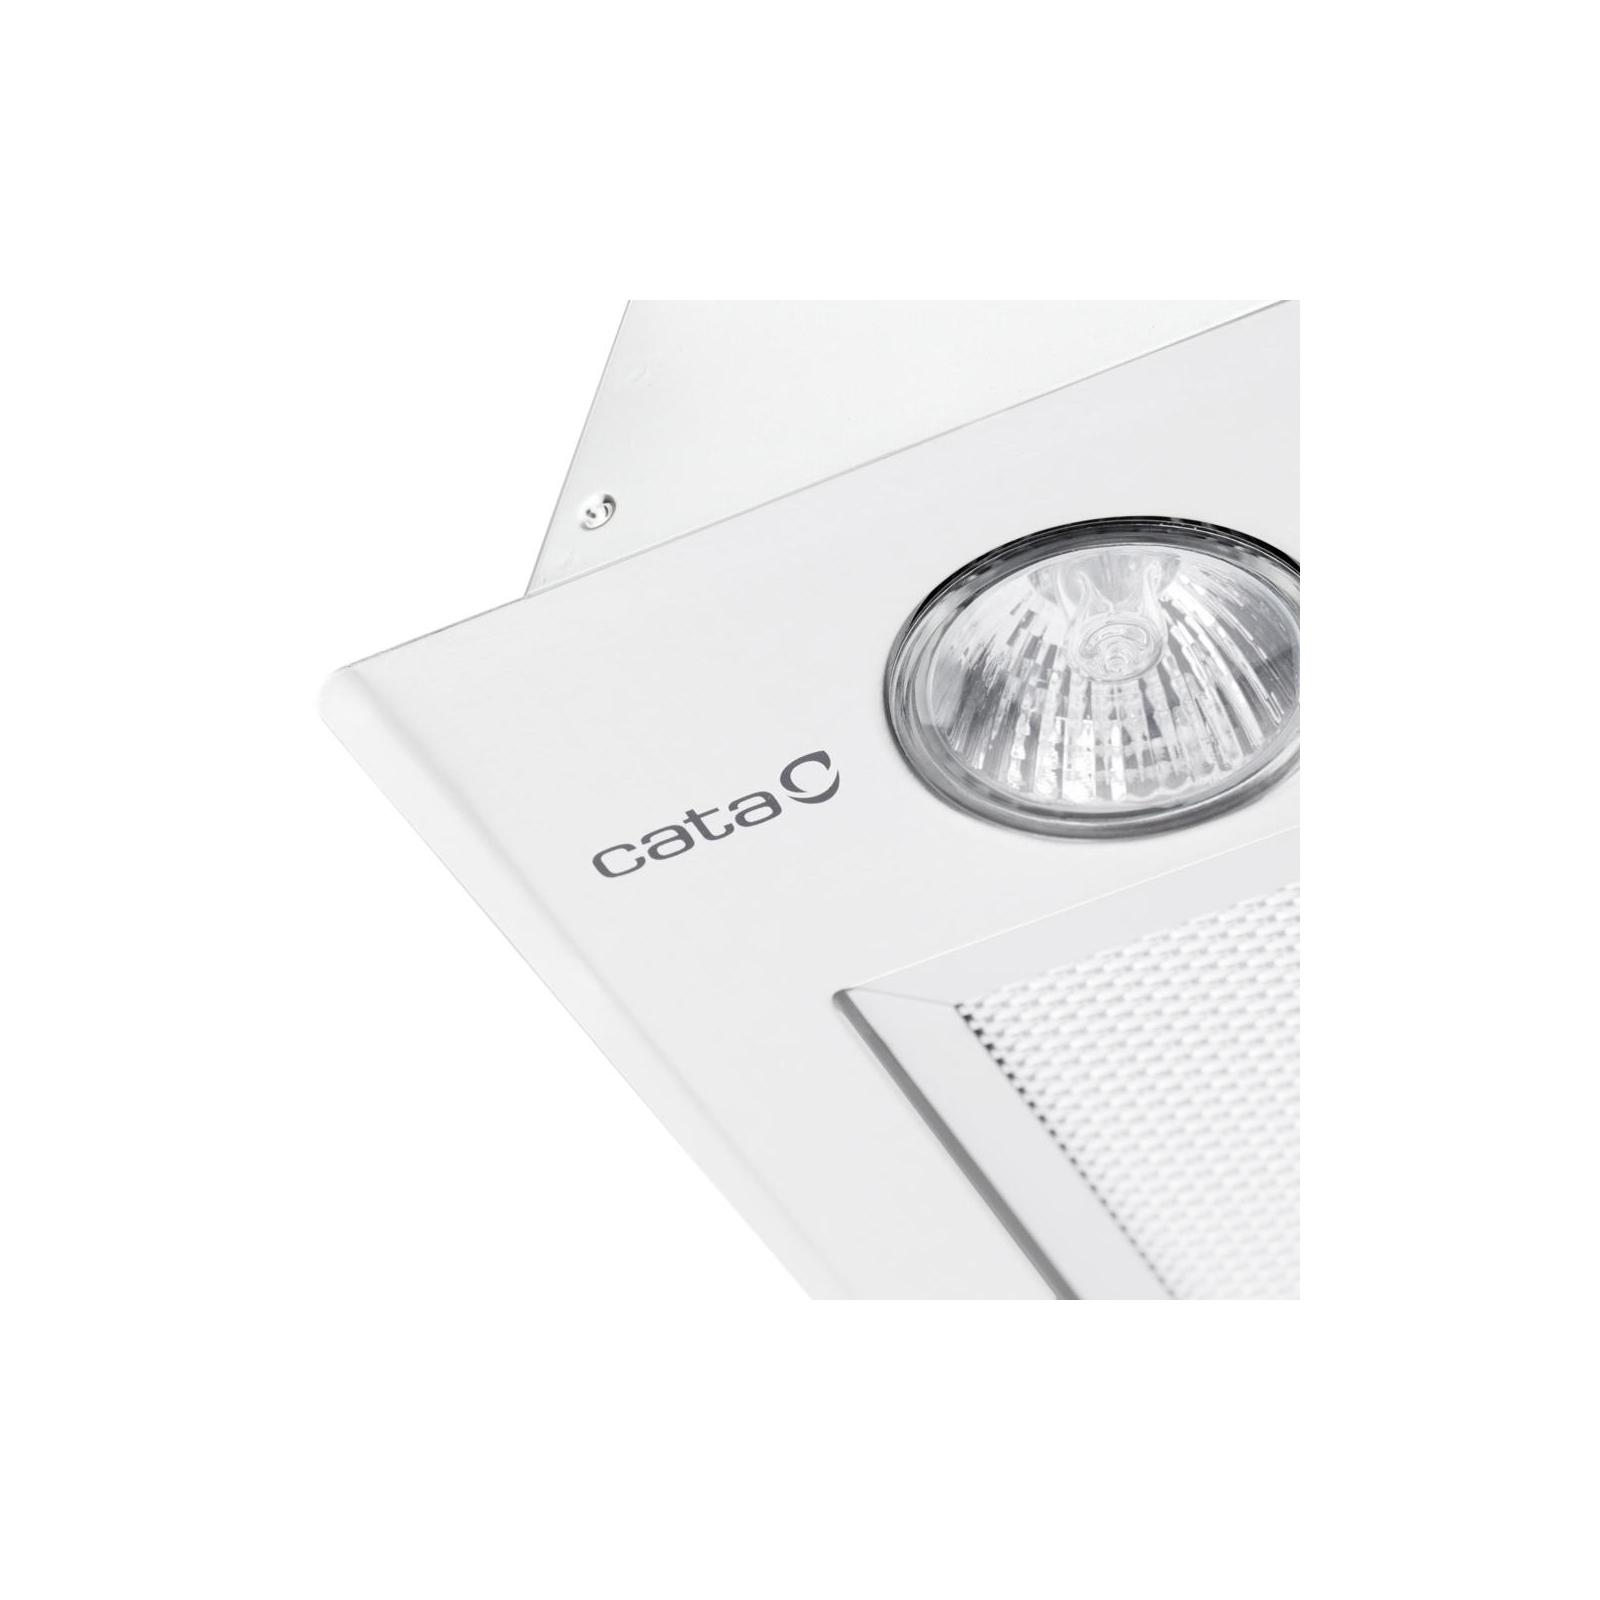 Вытяжка кухонная CATA GT-PLUS 45 WH/C изображение 3